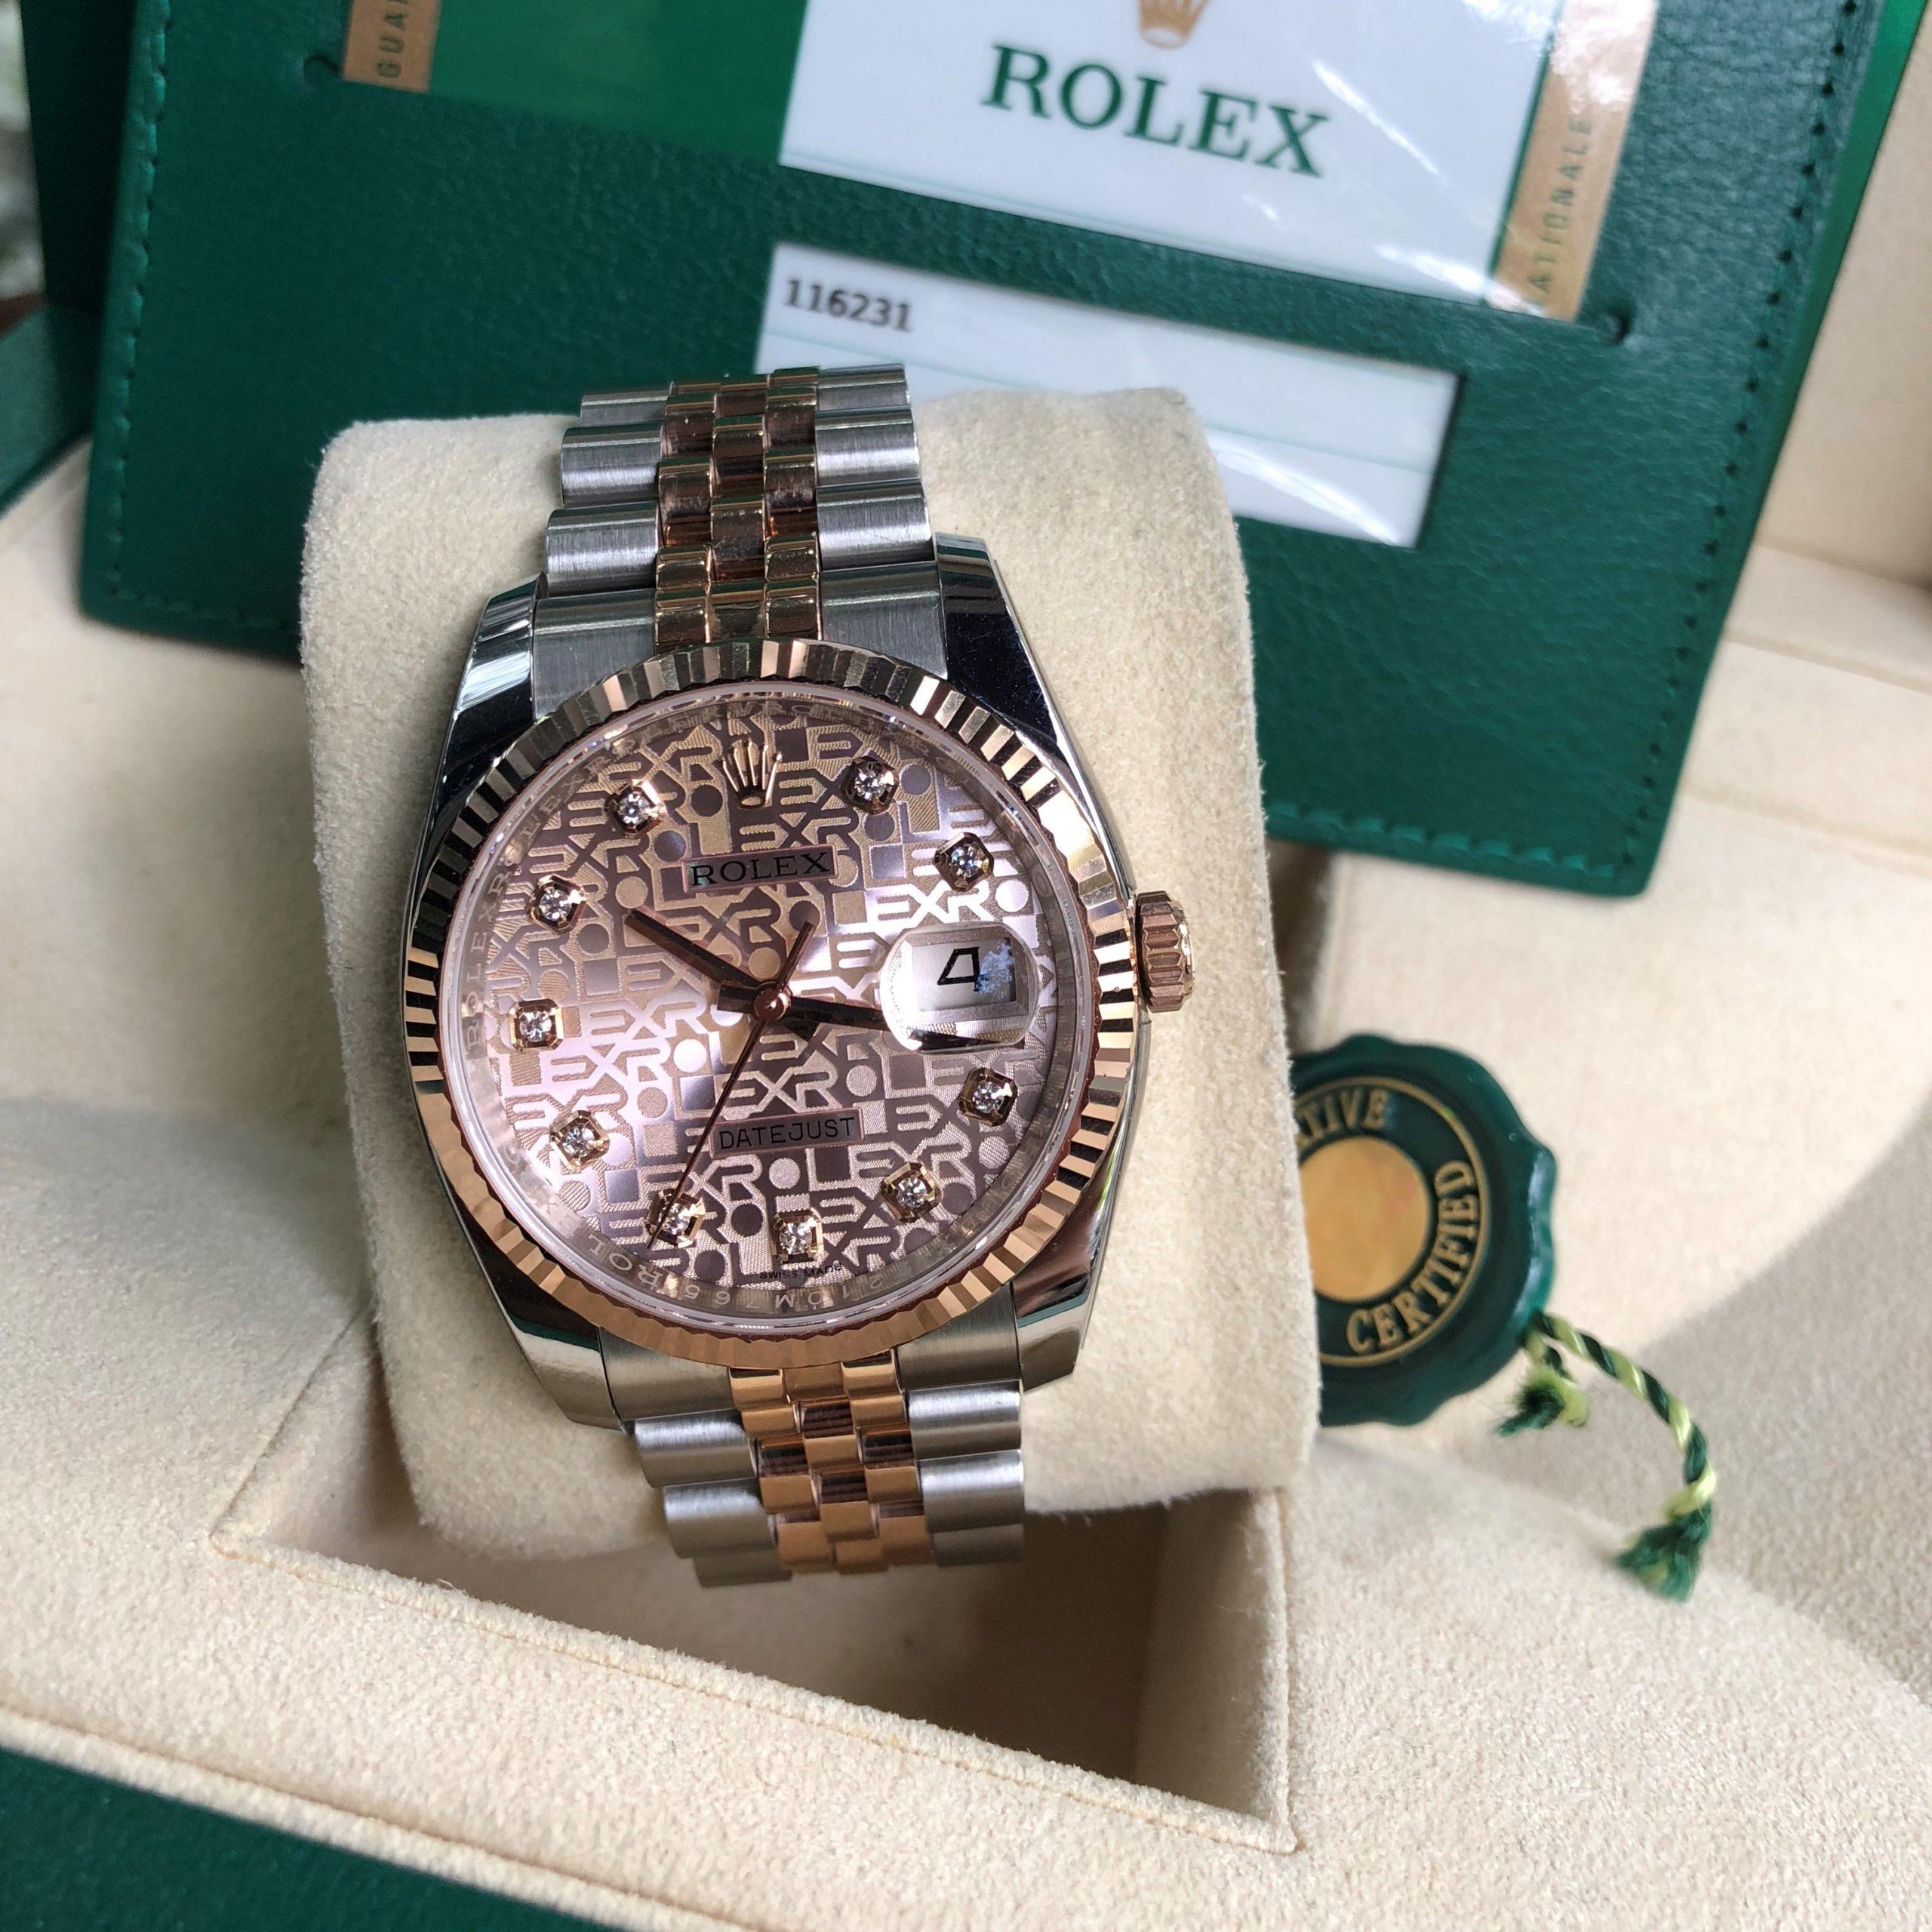 Rolex 116231 mặt vi tính demi vàng 18k Fullbox đời 2018 như mới